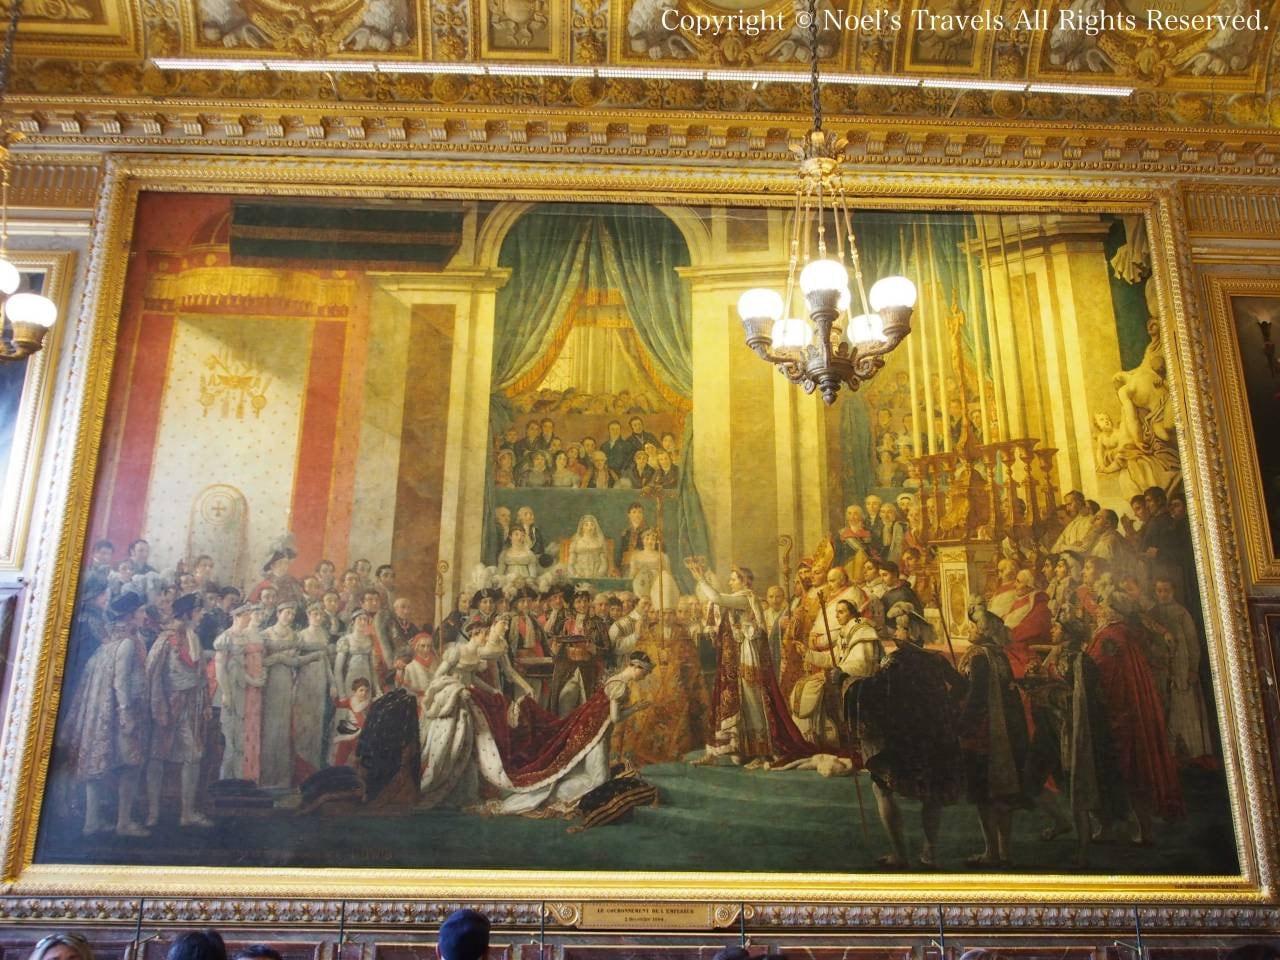 ヴェルサイユ宮殿の「皇帝ナポレオン一世と皇后ジョゼフィーヌの戴冠式」